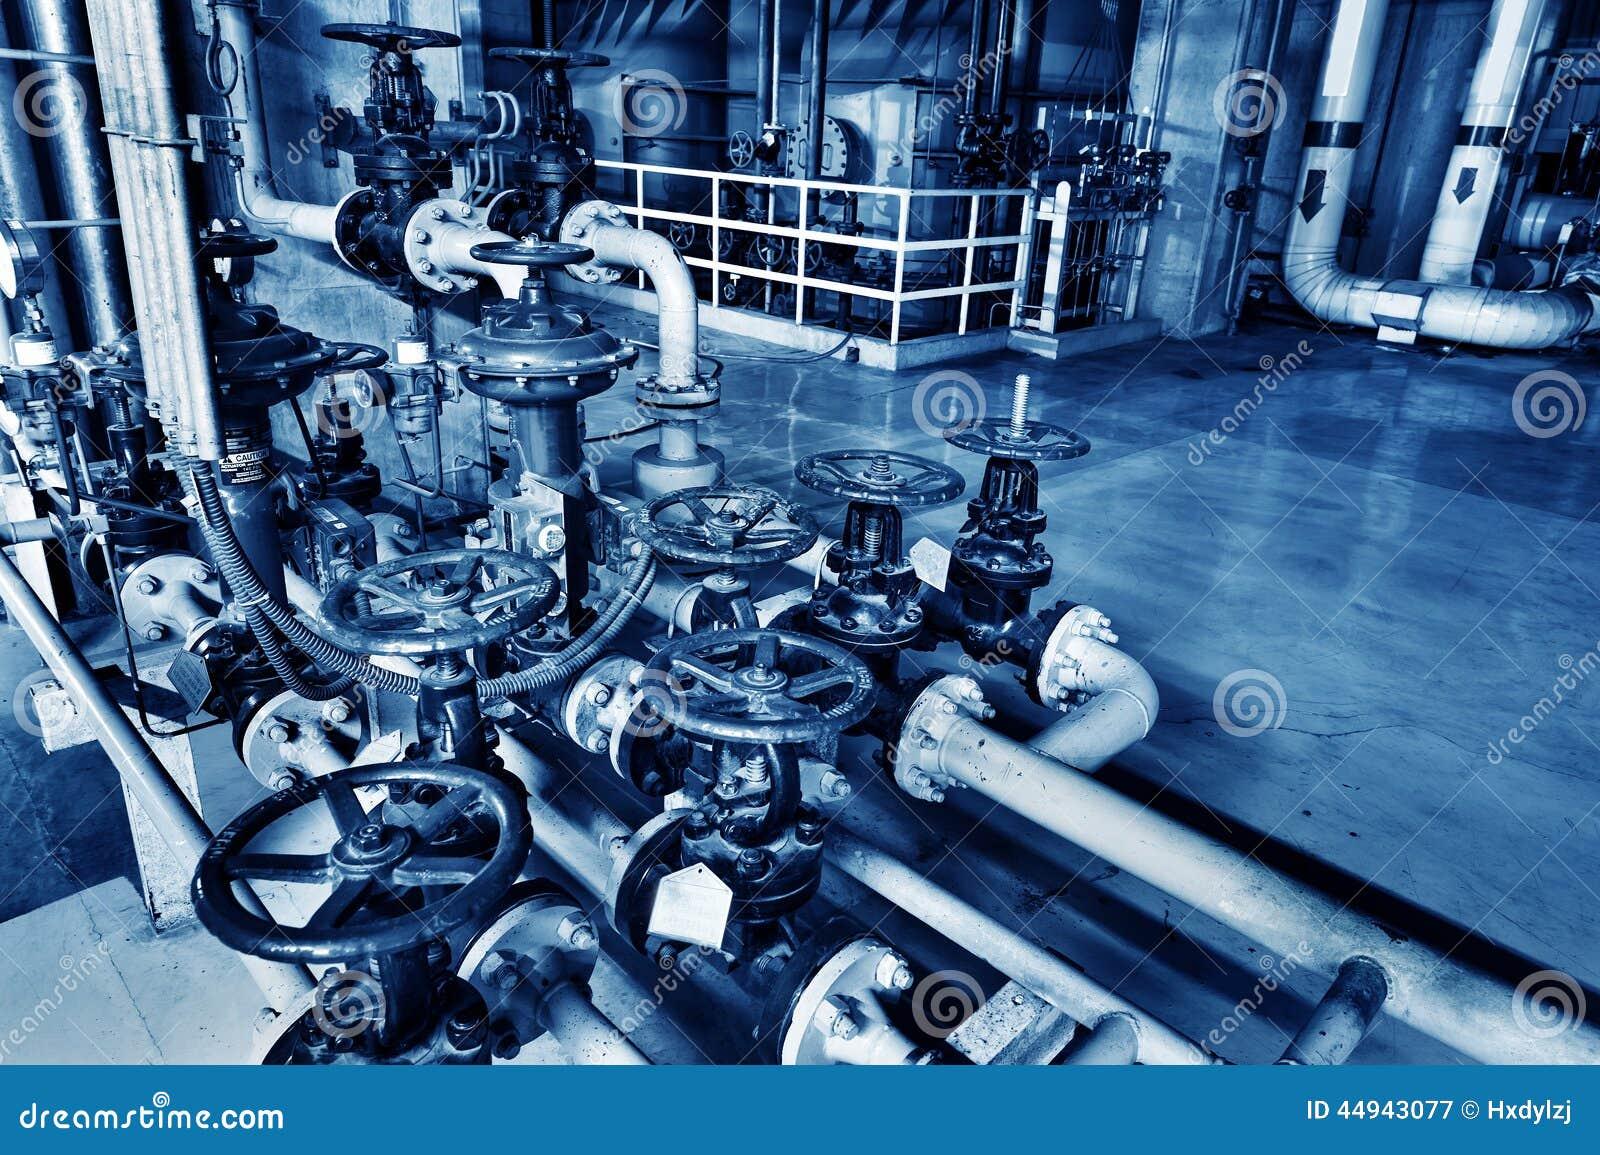 Boiler System: Valves In Boiler System